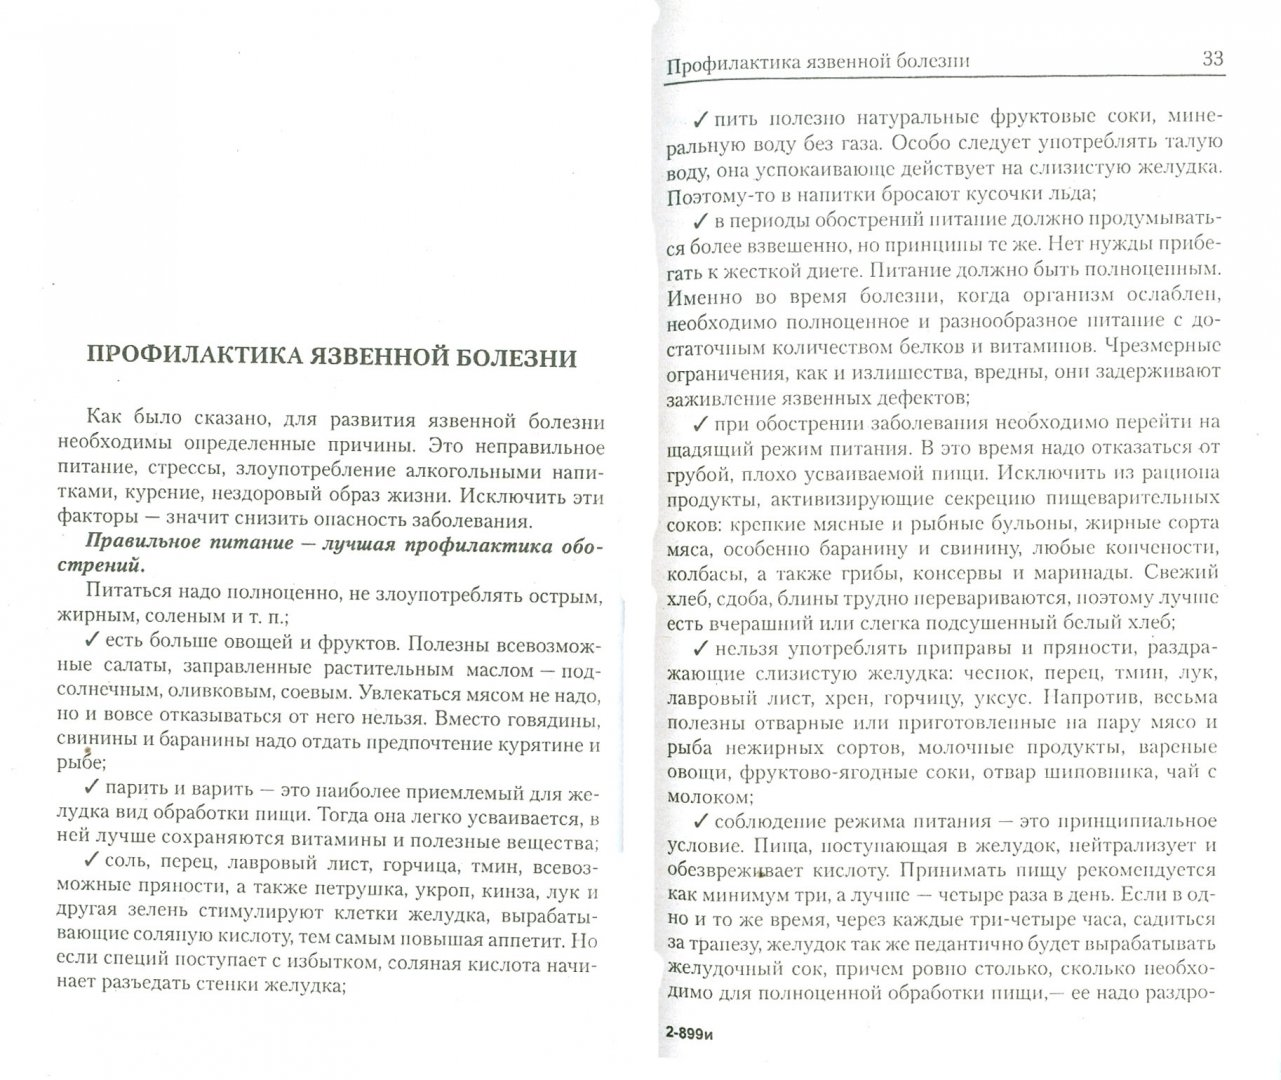 Иллюстрация 1 из 2 для Язвенная болезнь - Ольга Афанасьева | Лабиринт - книги. Источник: Лабиринт